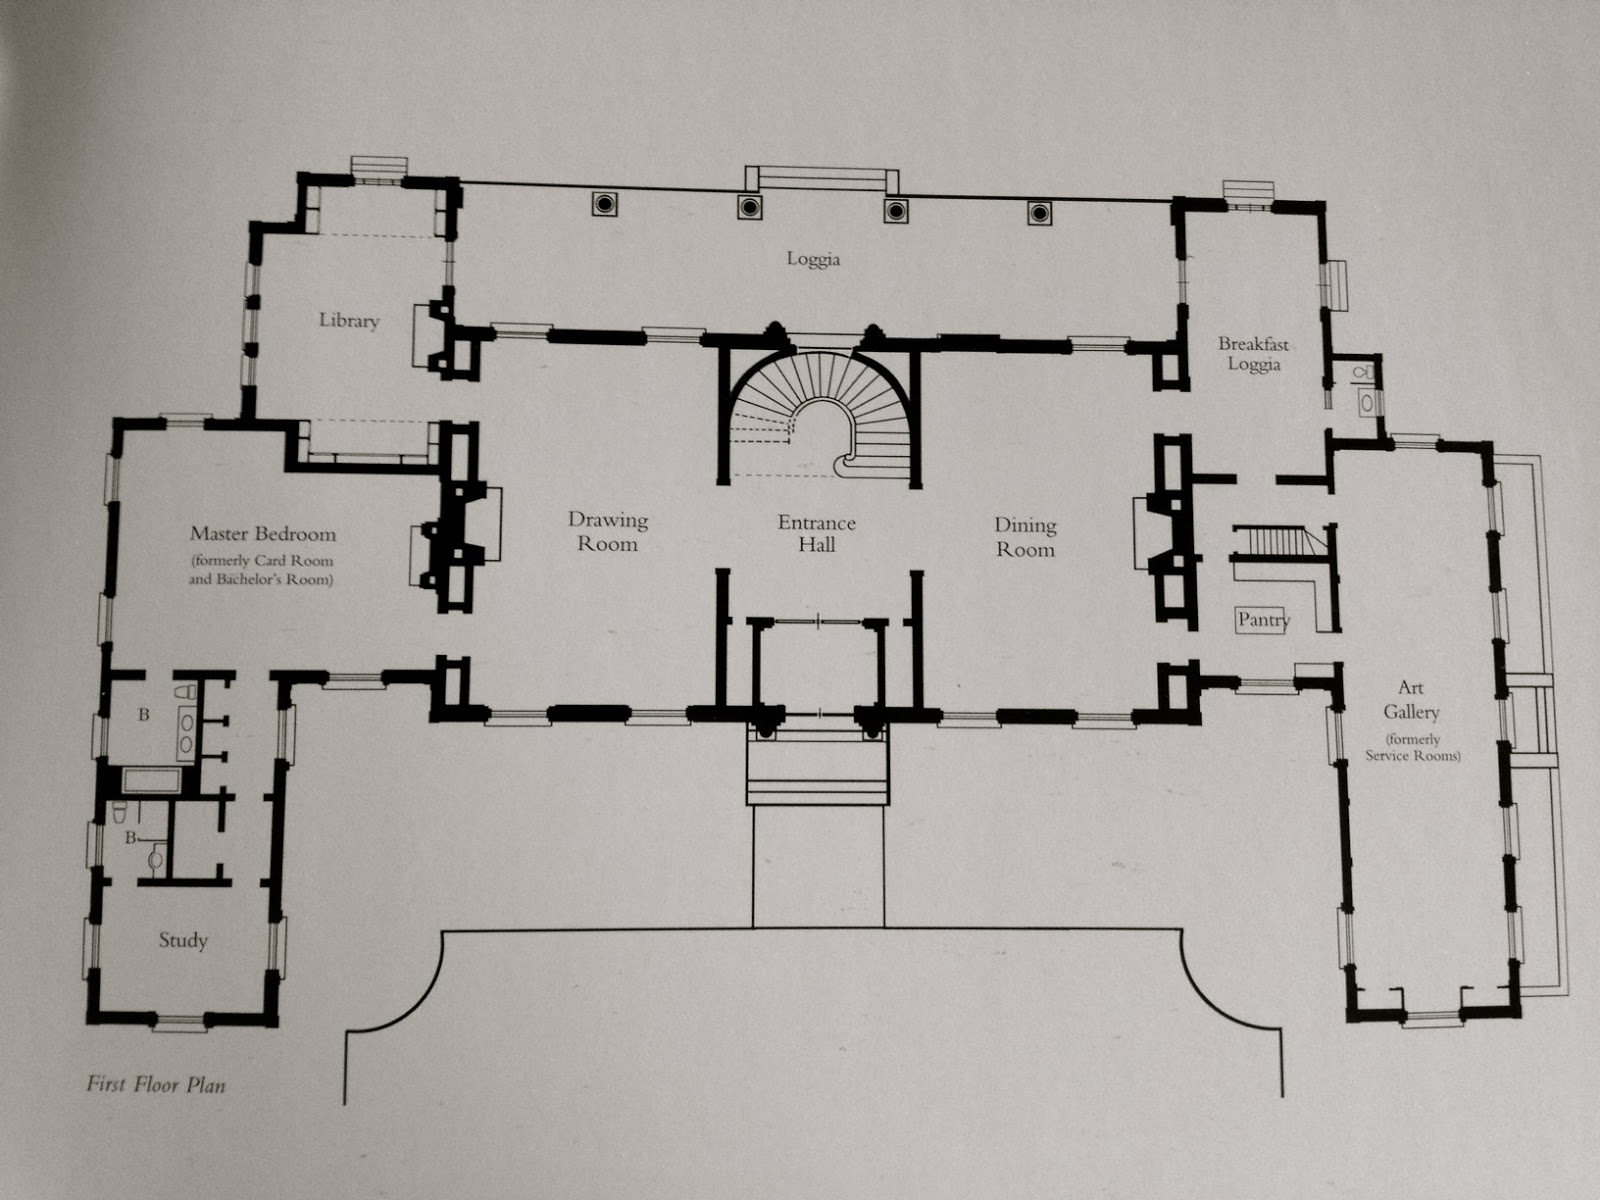 The new floor plan